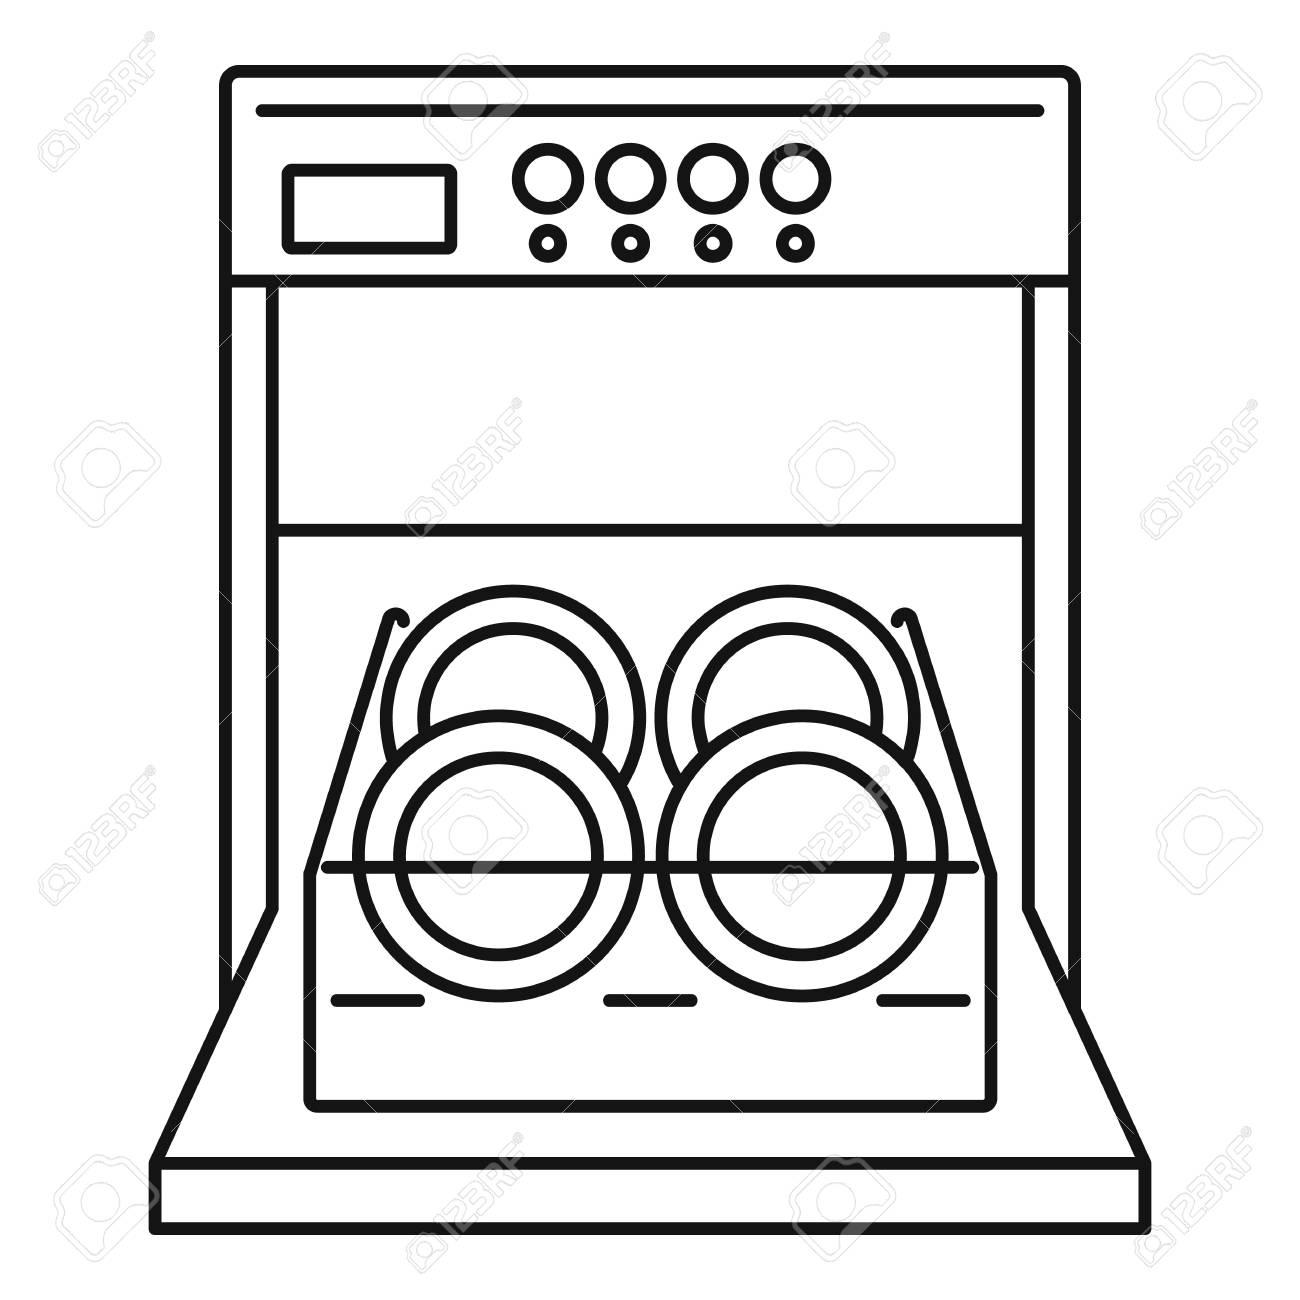 open dishwasher icon